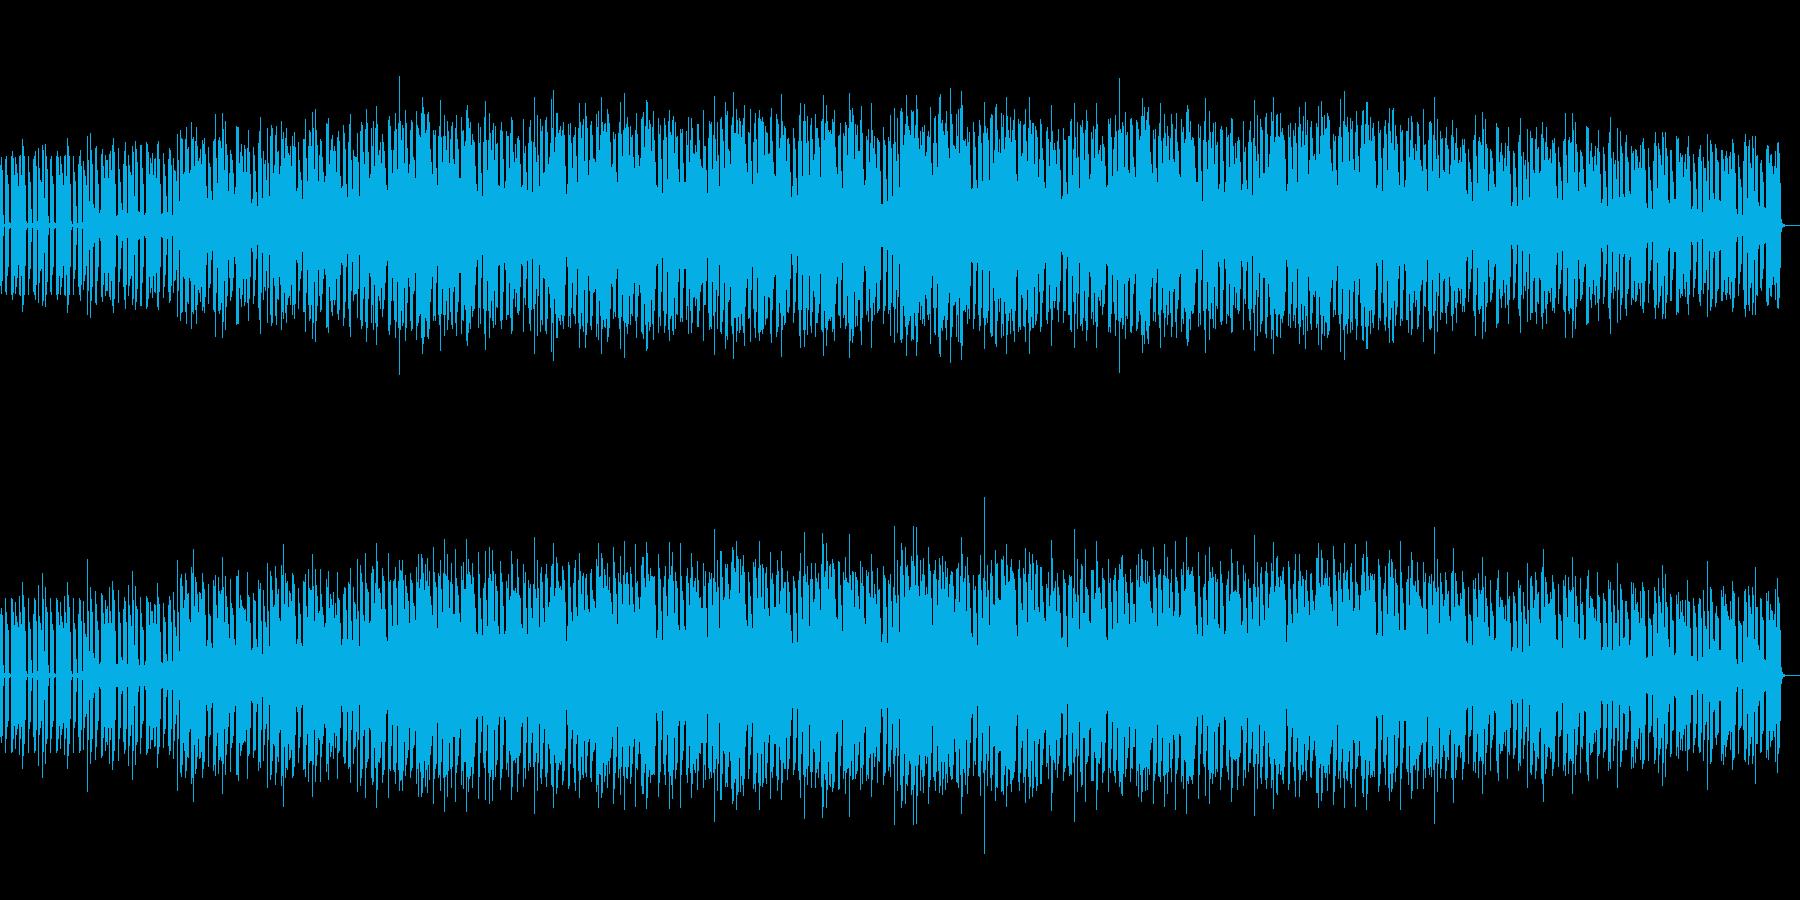 宇宙をイメージした曲の再生済みの波形